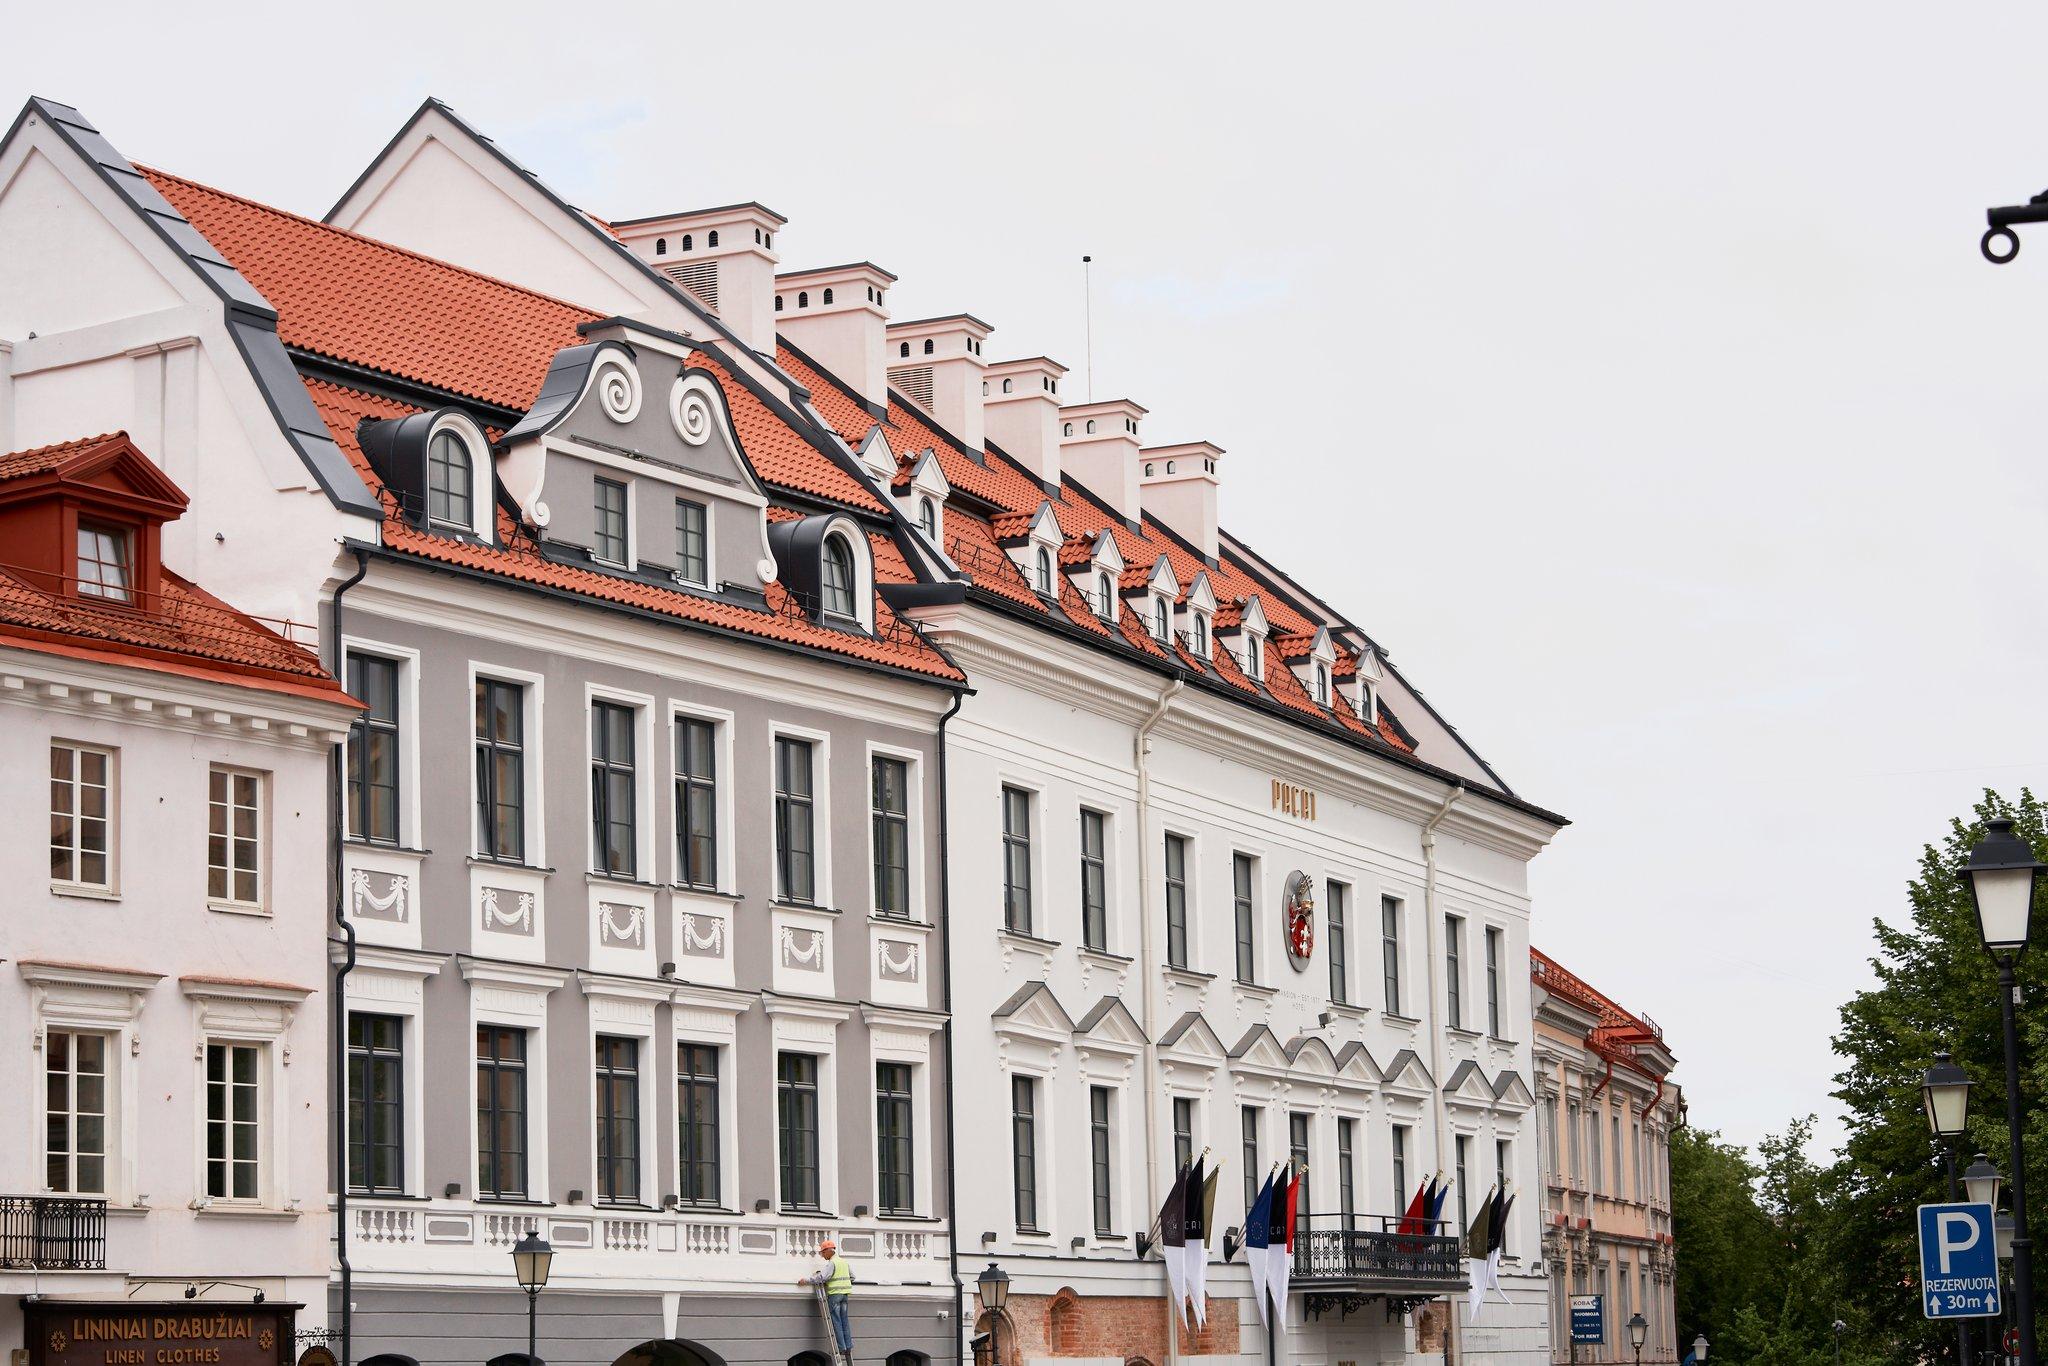 Hotel Pacai, a Design Hotel